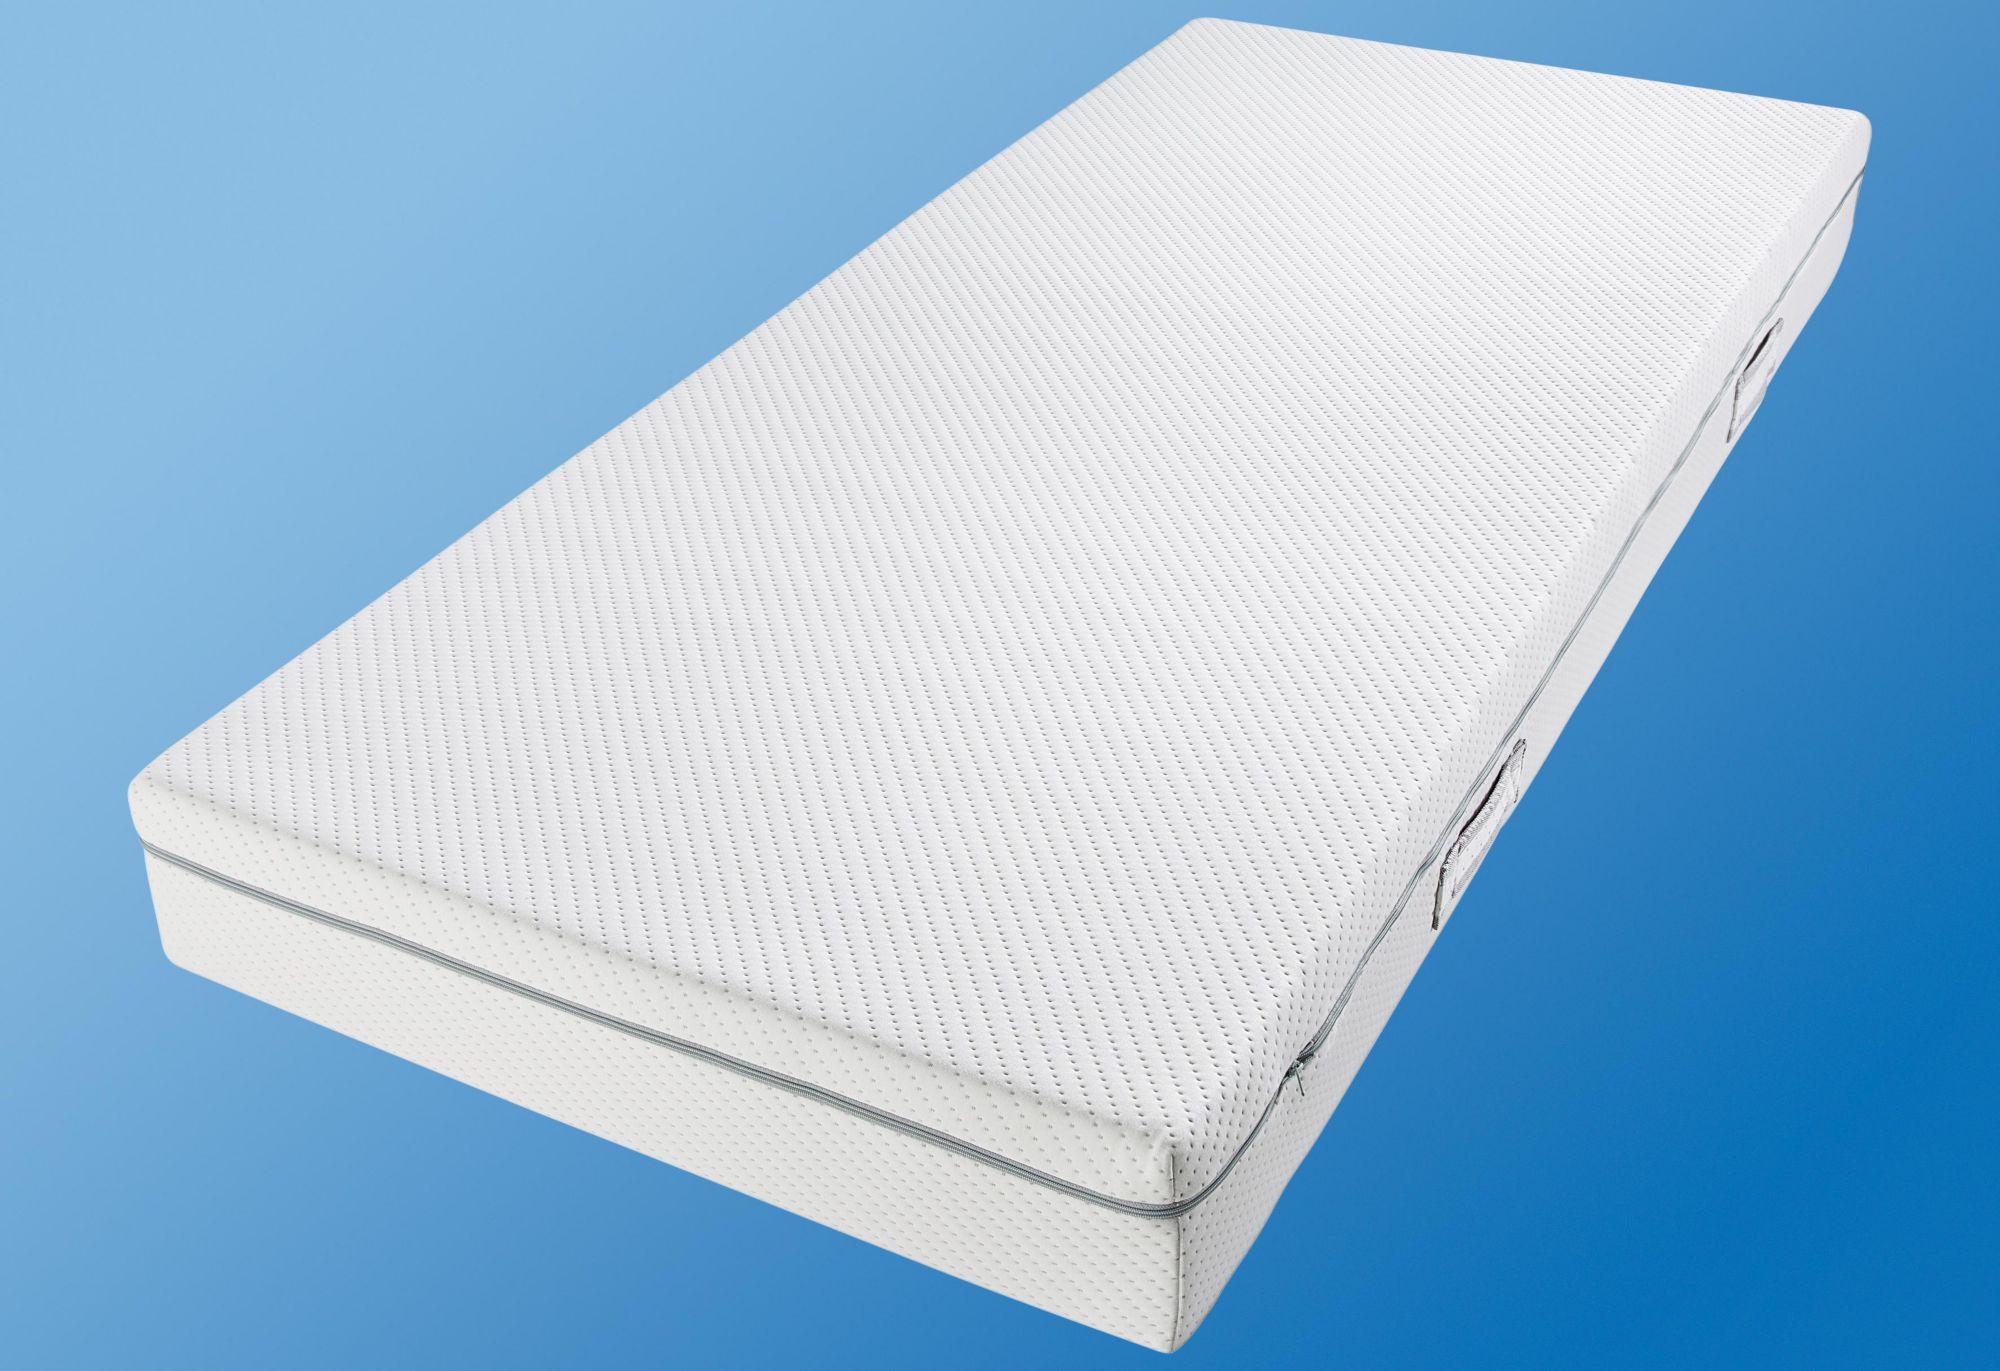 BECO Komfortschaummatratze, »BodyCare«, BeCo,  19 cm hoch, Raumgewicht: 35, die Flexible für jede Körperform bekannt aus der TV-Werbung